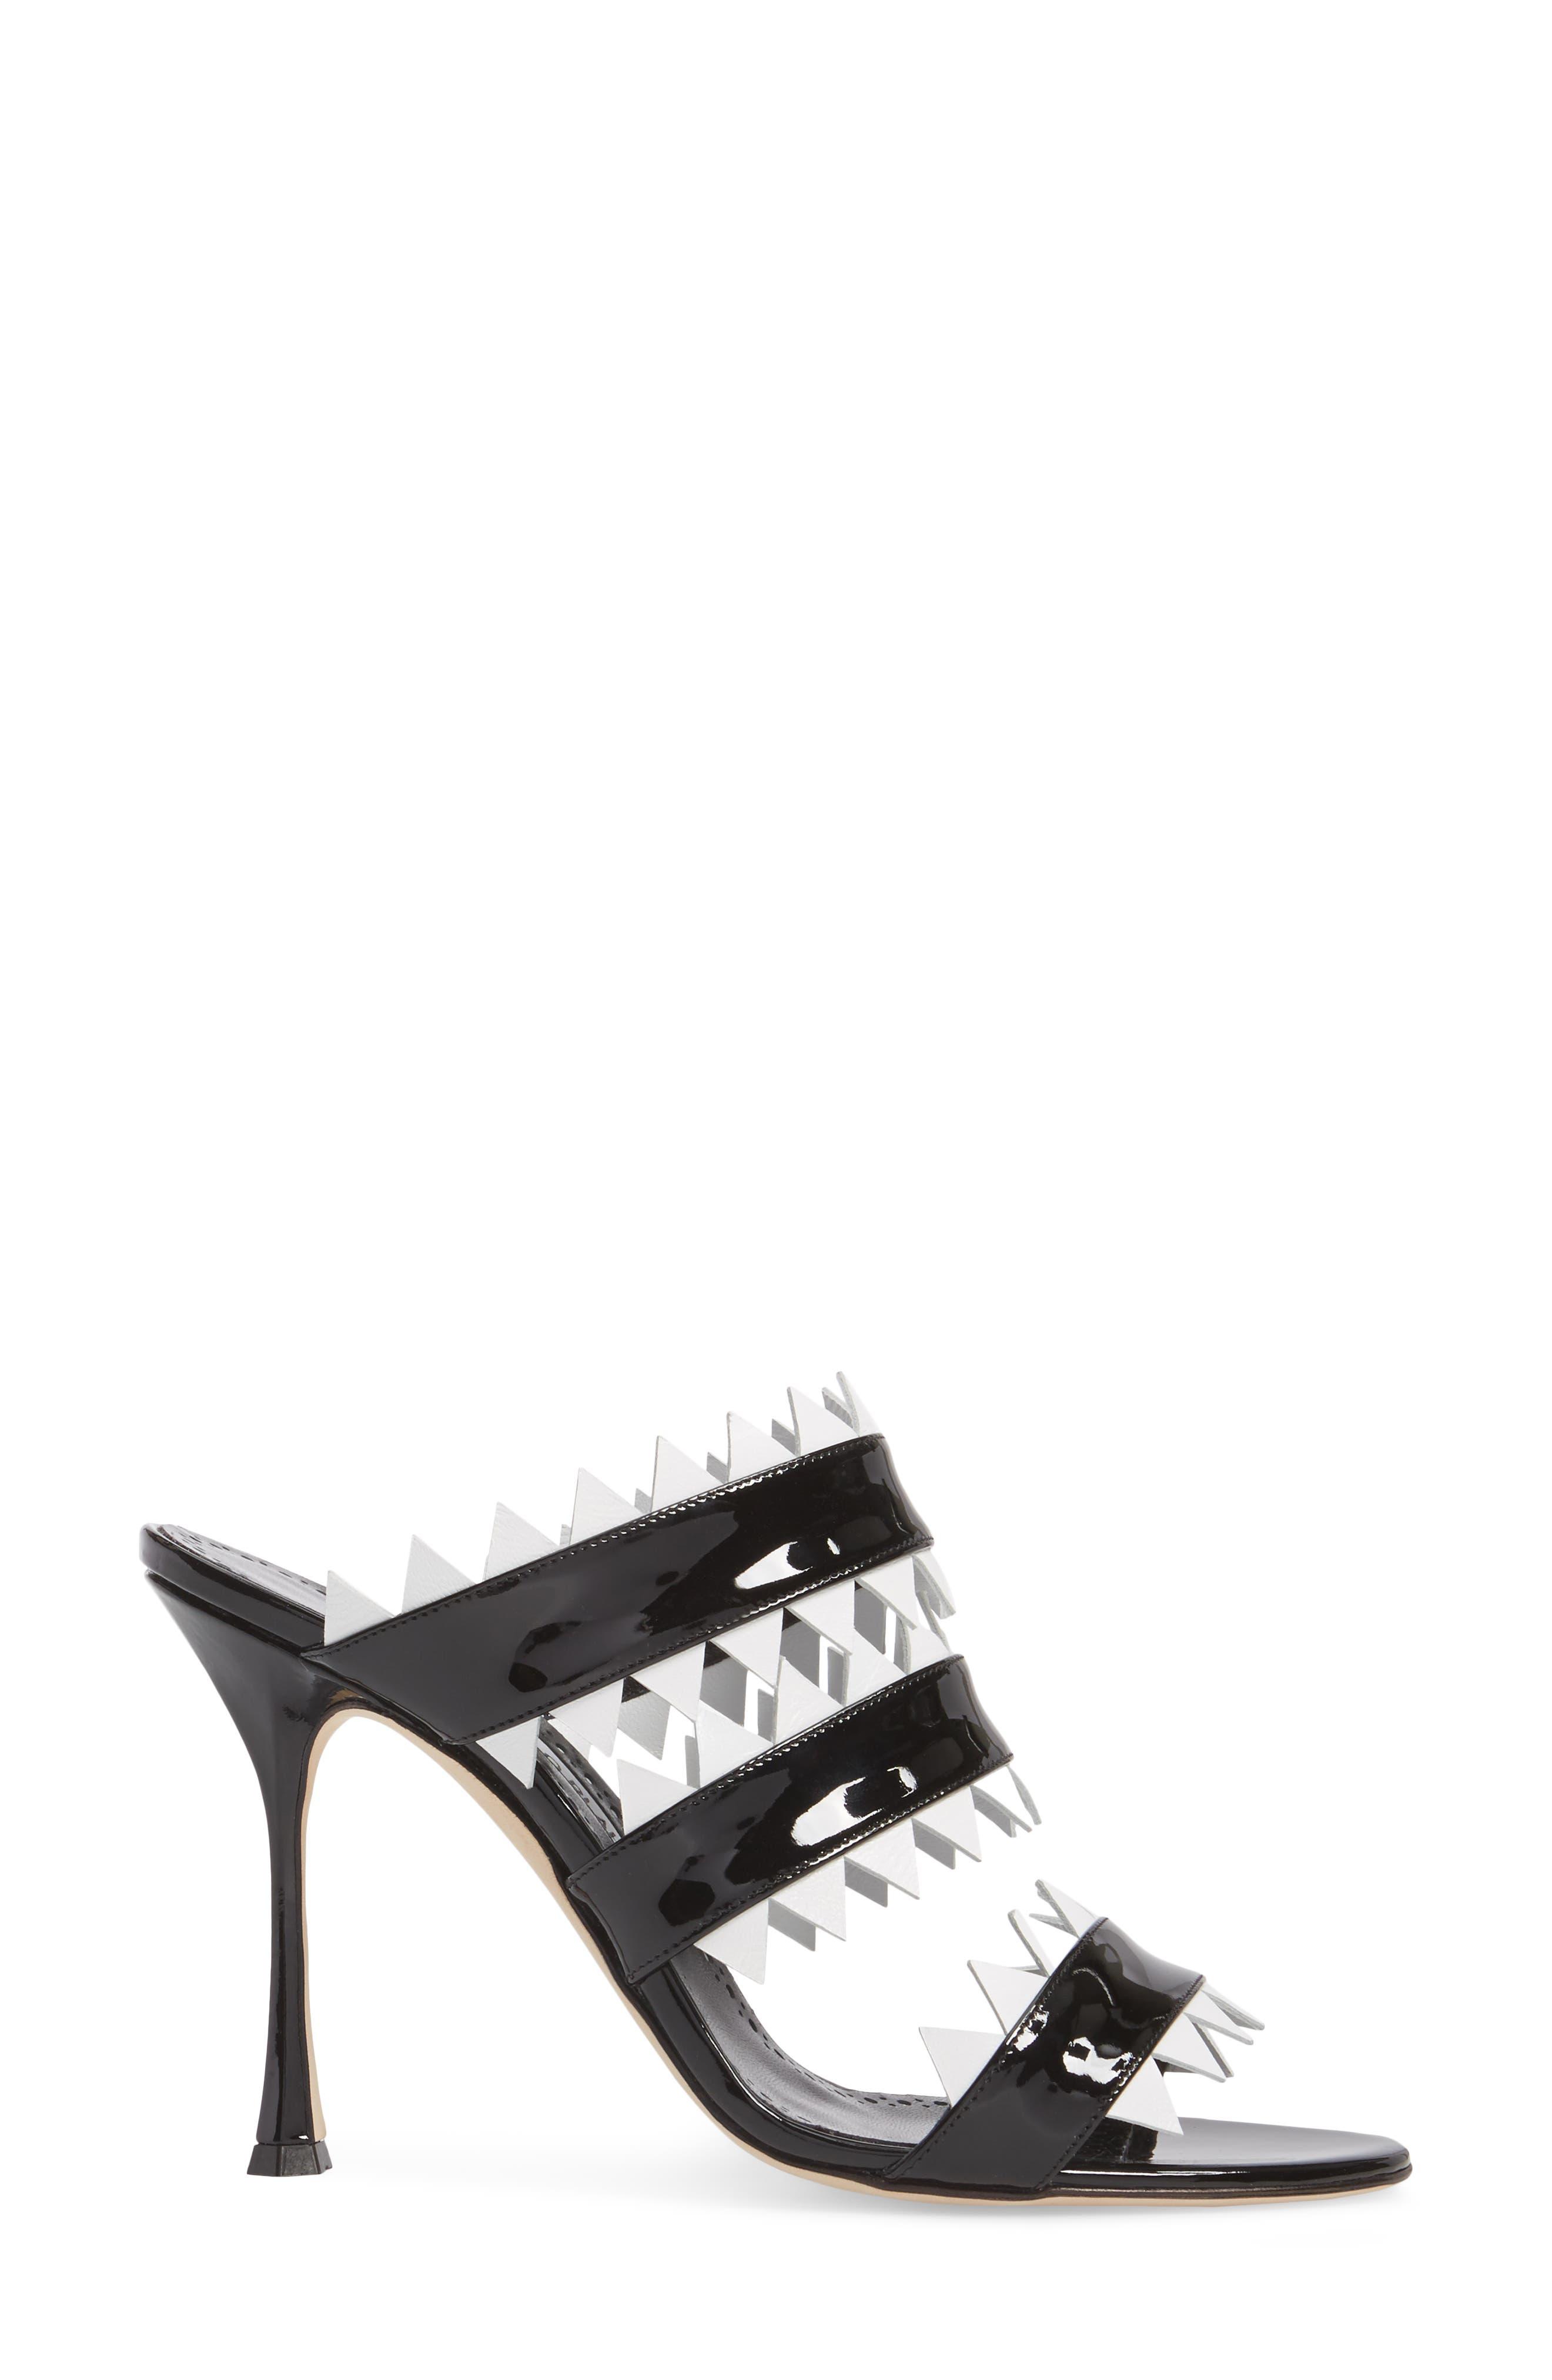 Arpege Mule Sandal,                             Alternate thumbnail 3, color,                             Black/ White